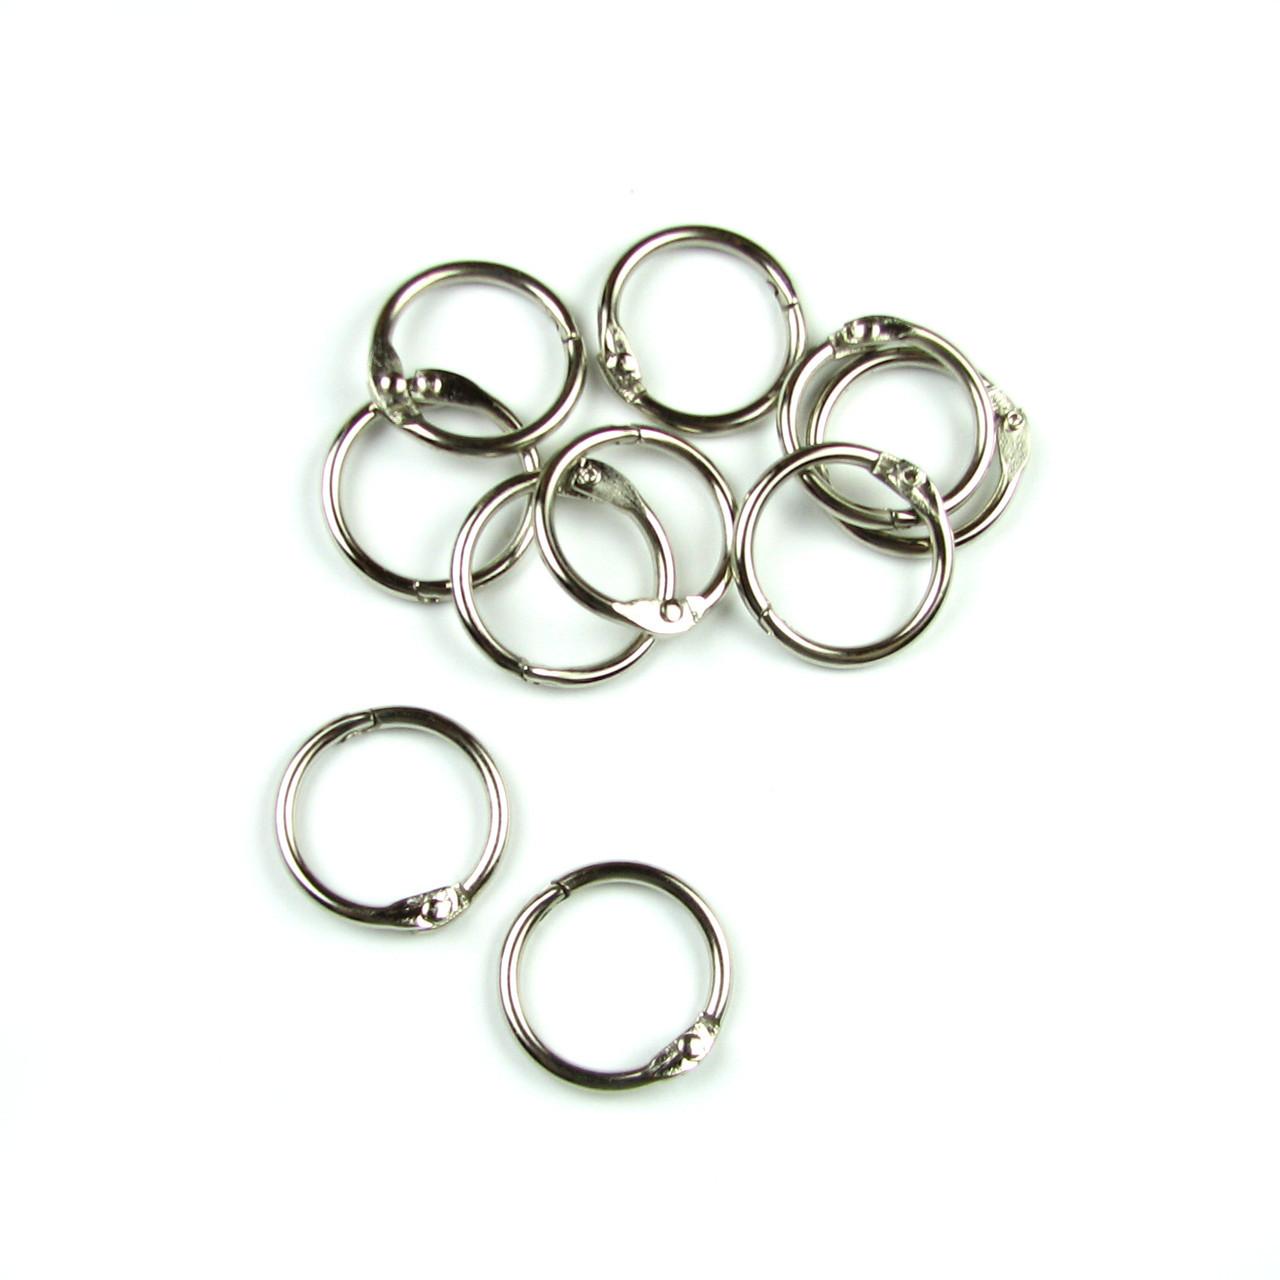 Кольца для альбомов, серебро 15мм 2шт в наборе